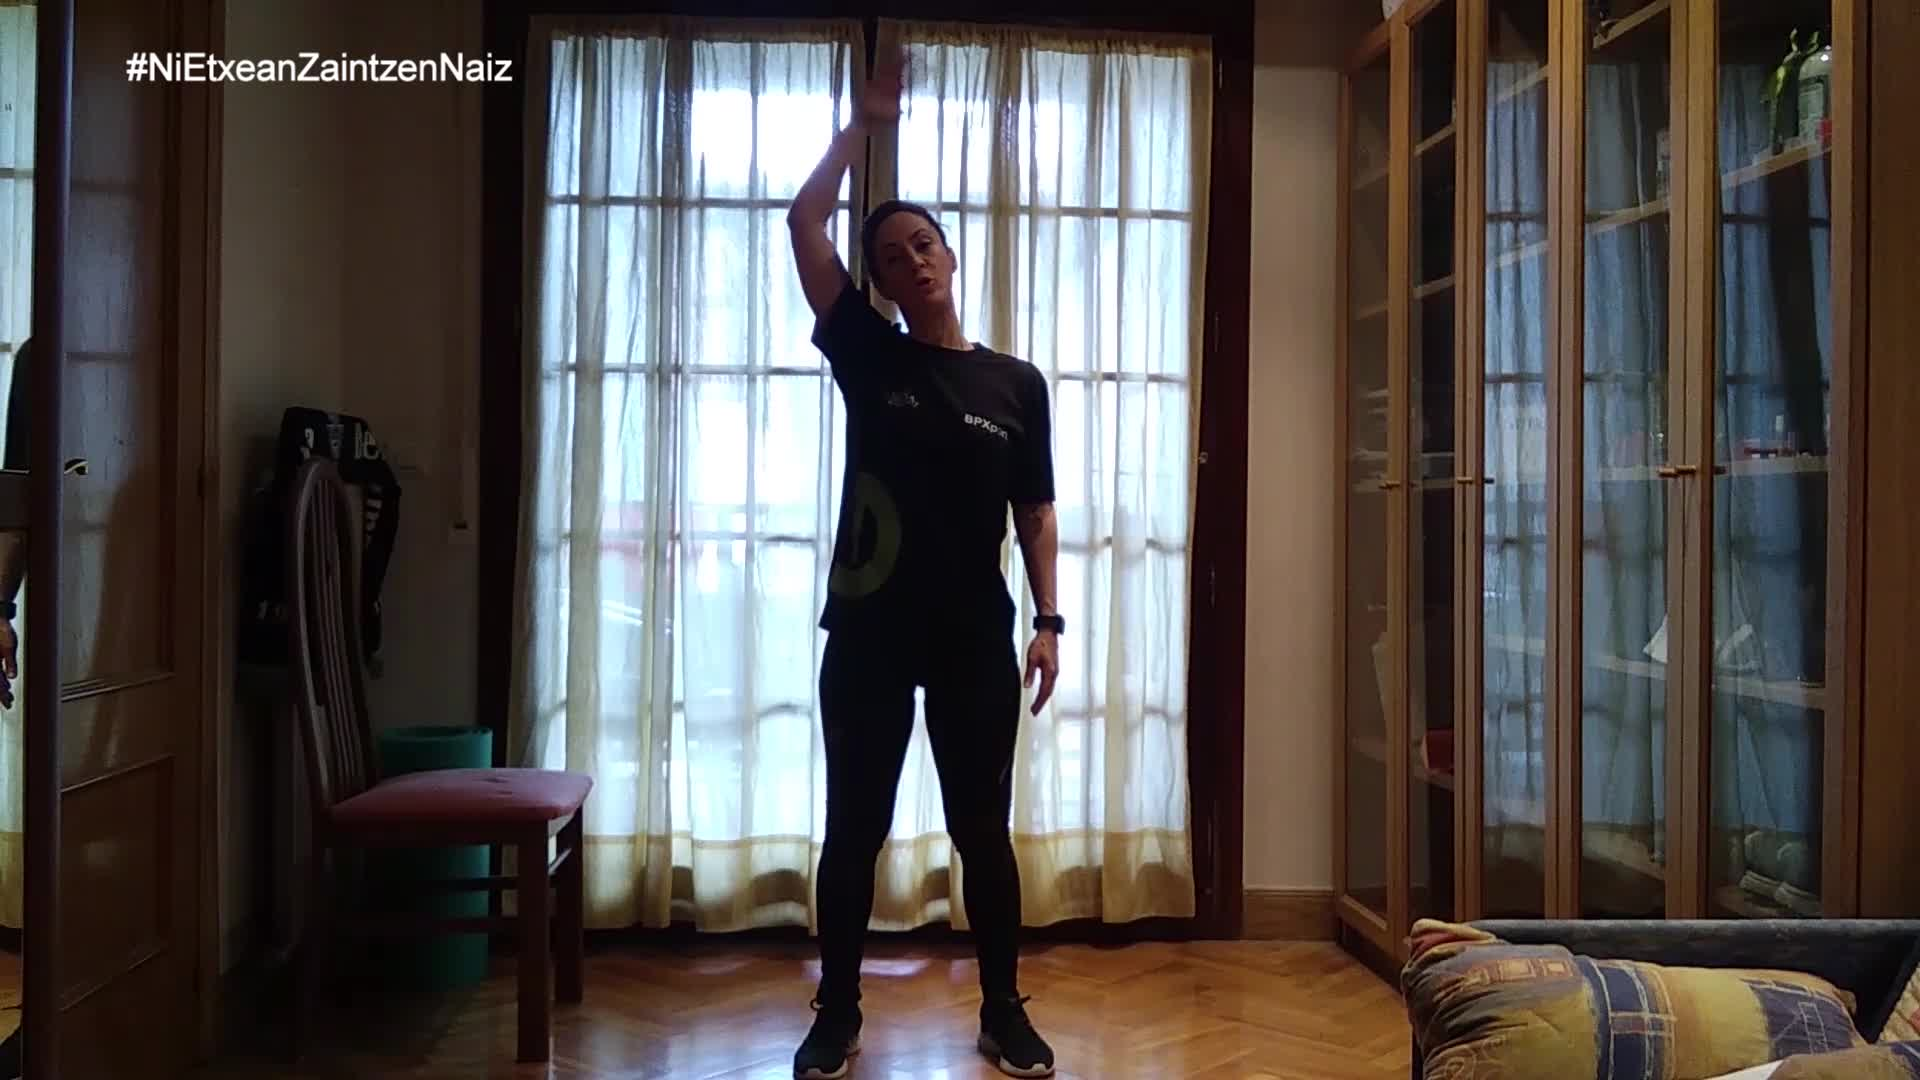 #NiEtxeanZaintzenNaiz: Zarauzko kiroldegiko begiraleen adinekoen 24. saioa